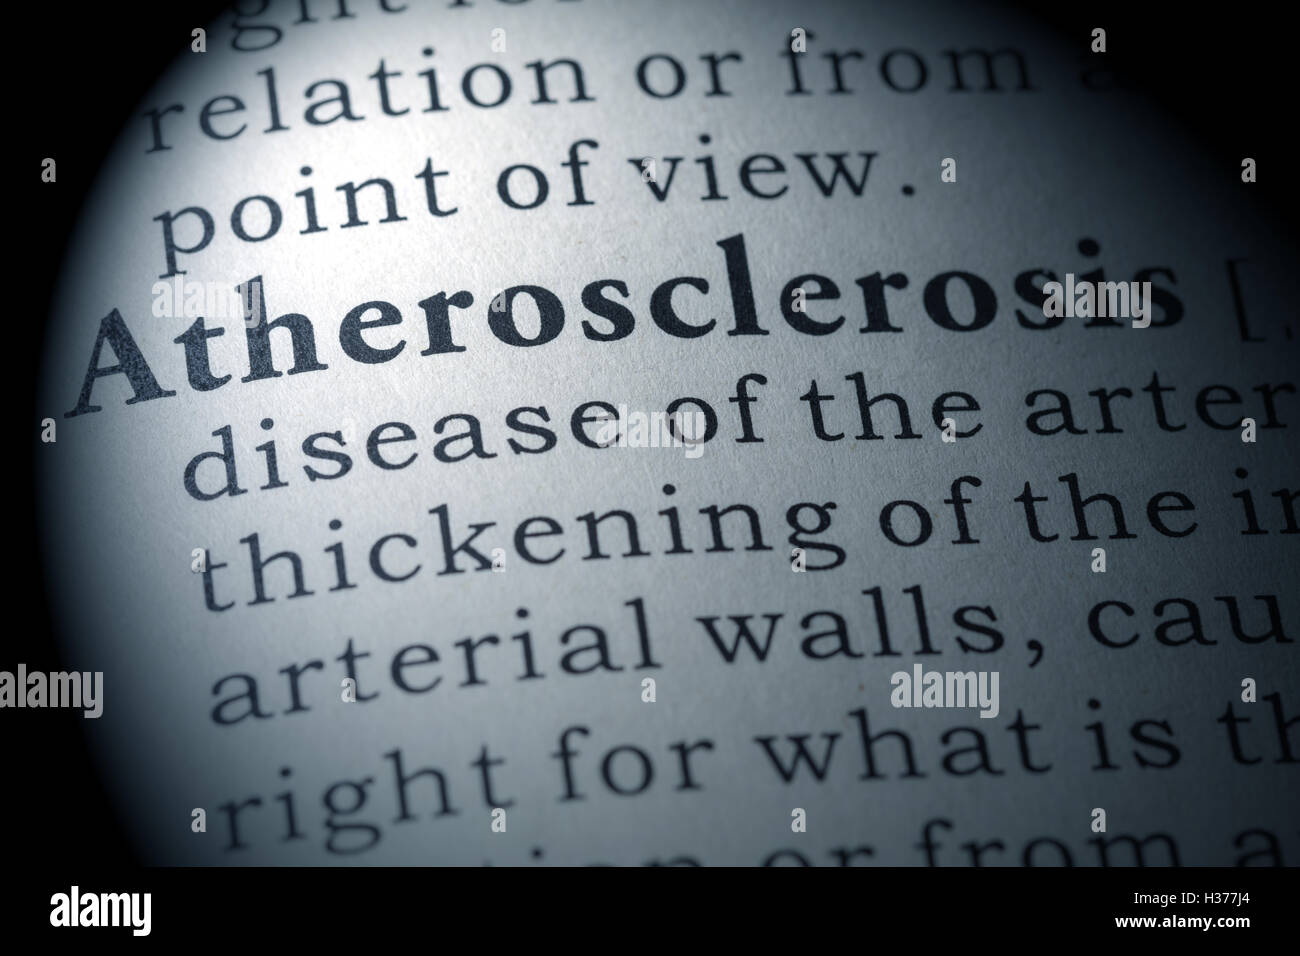 Diccionario de falsos, definición de diccionario de la palabra aterosclerosis. Foto de stock